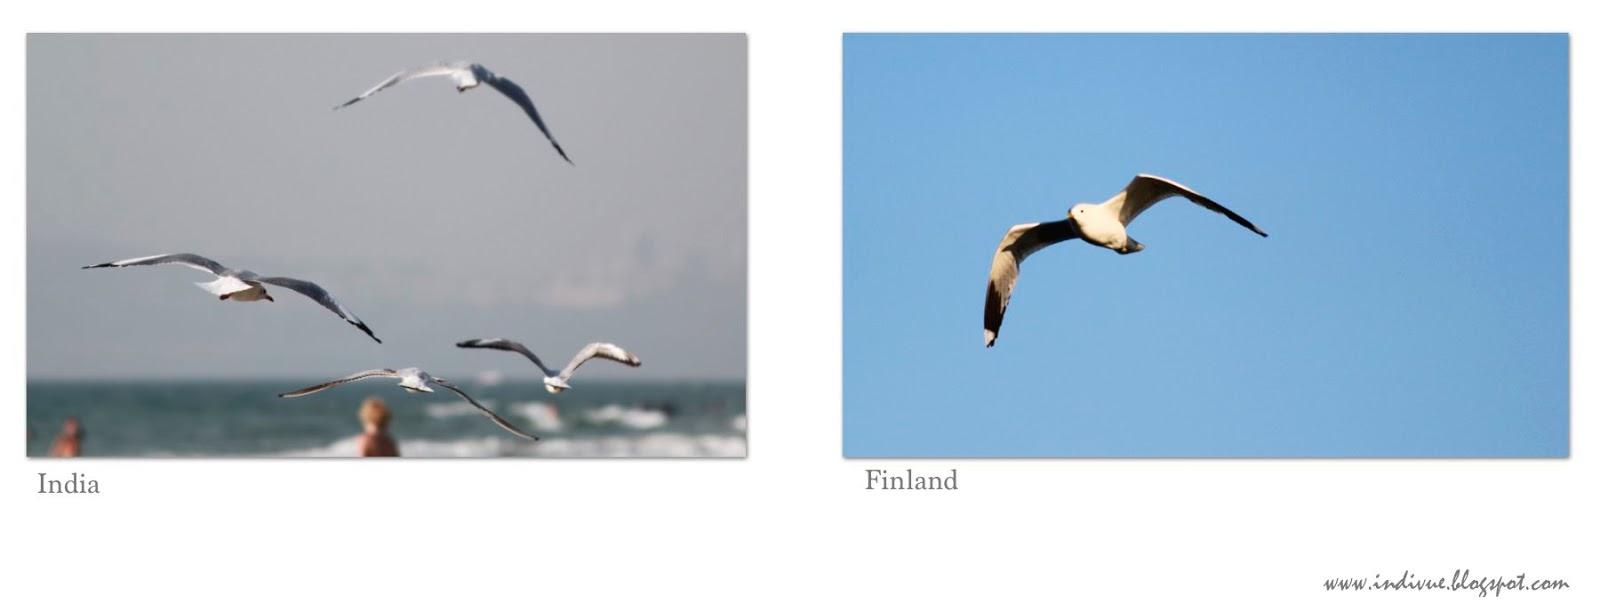 Lentävä intialainen ja suomalainen lokki